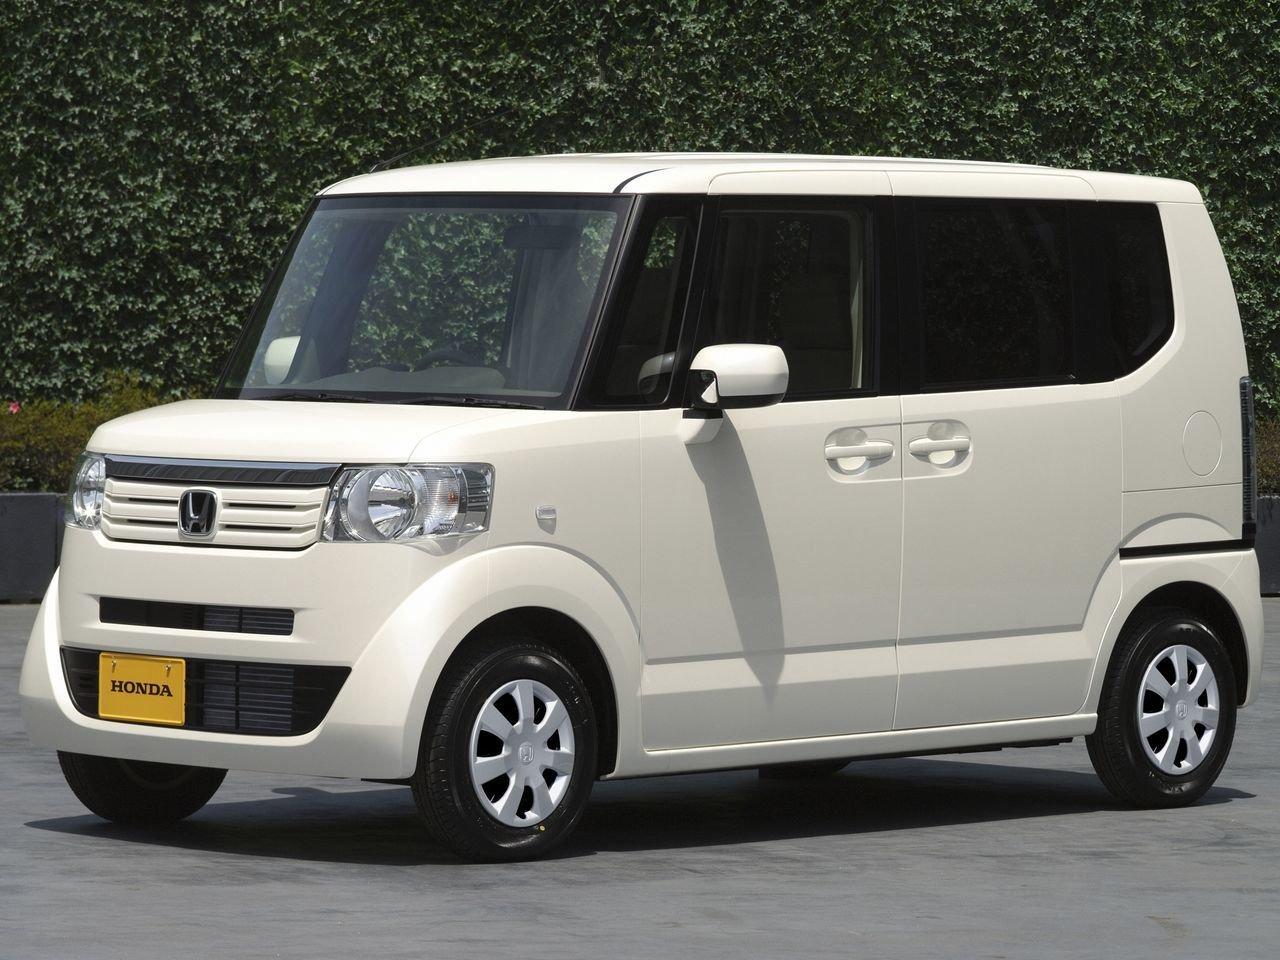 «Дорогая, я уменьшил автомобиль!» Все о кей-карах в Японии